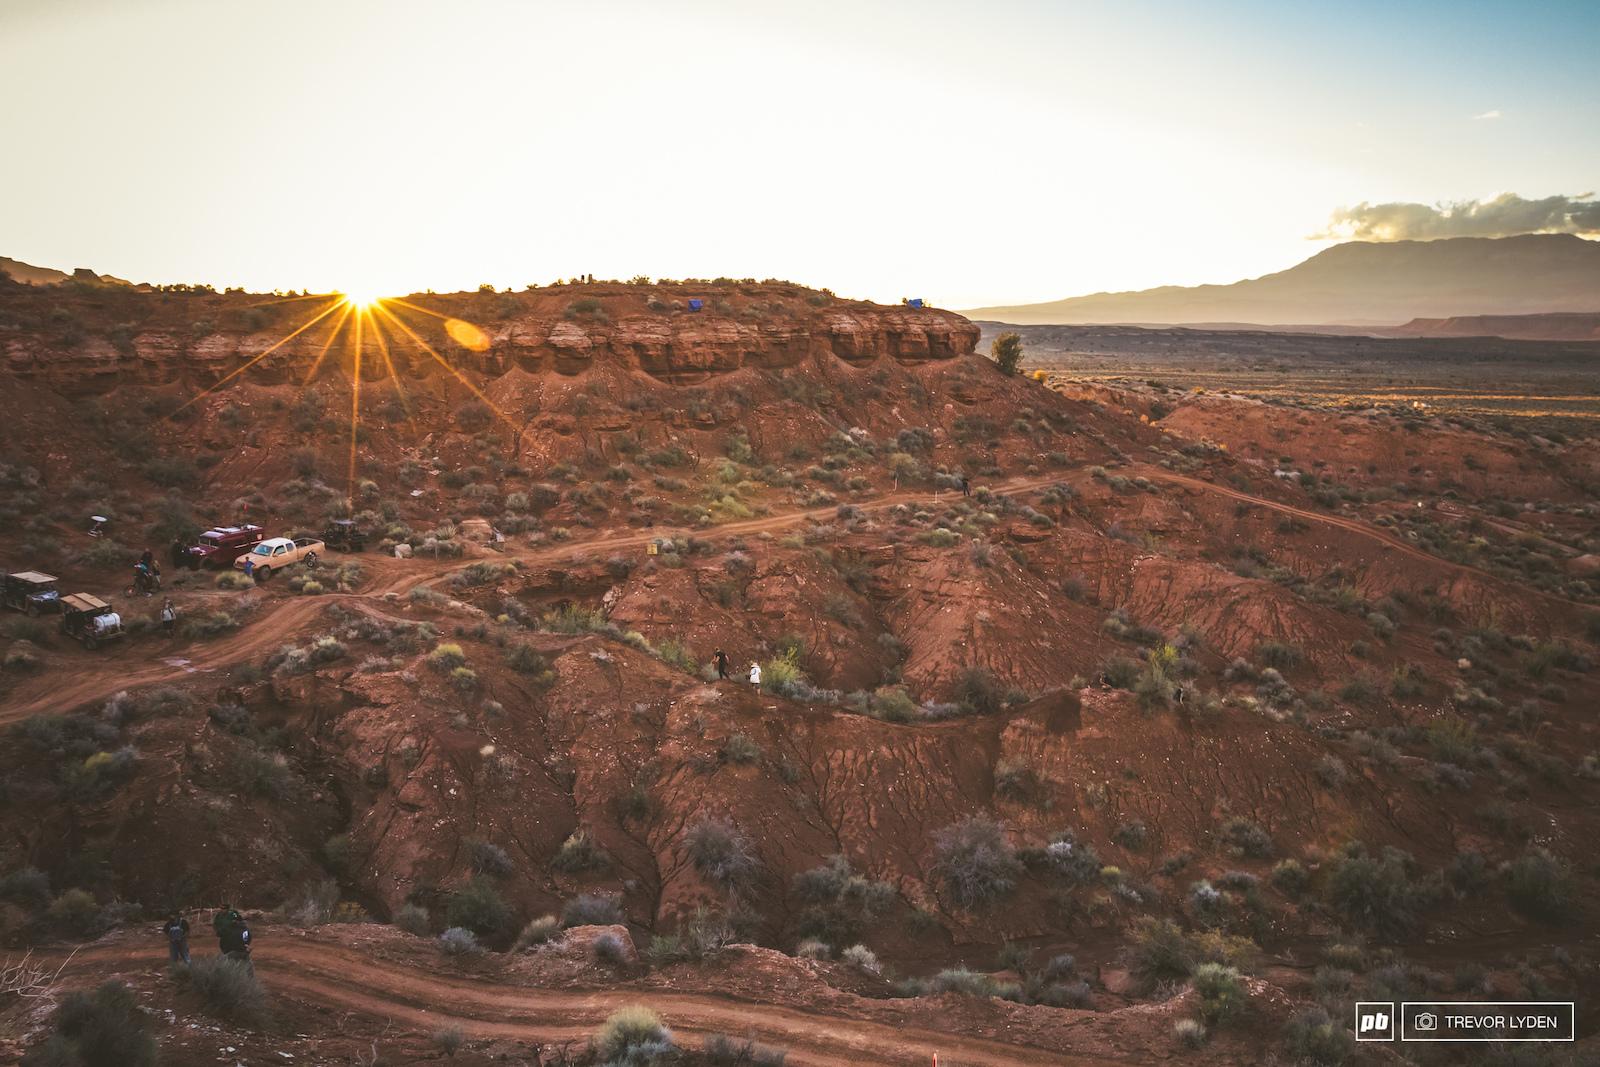 Sunset on the Utah desert.